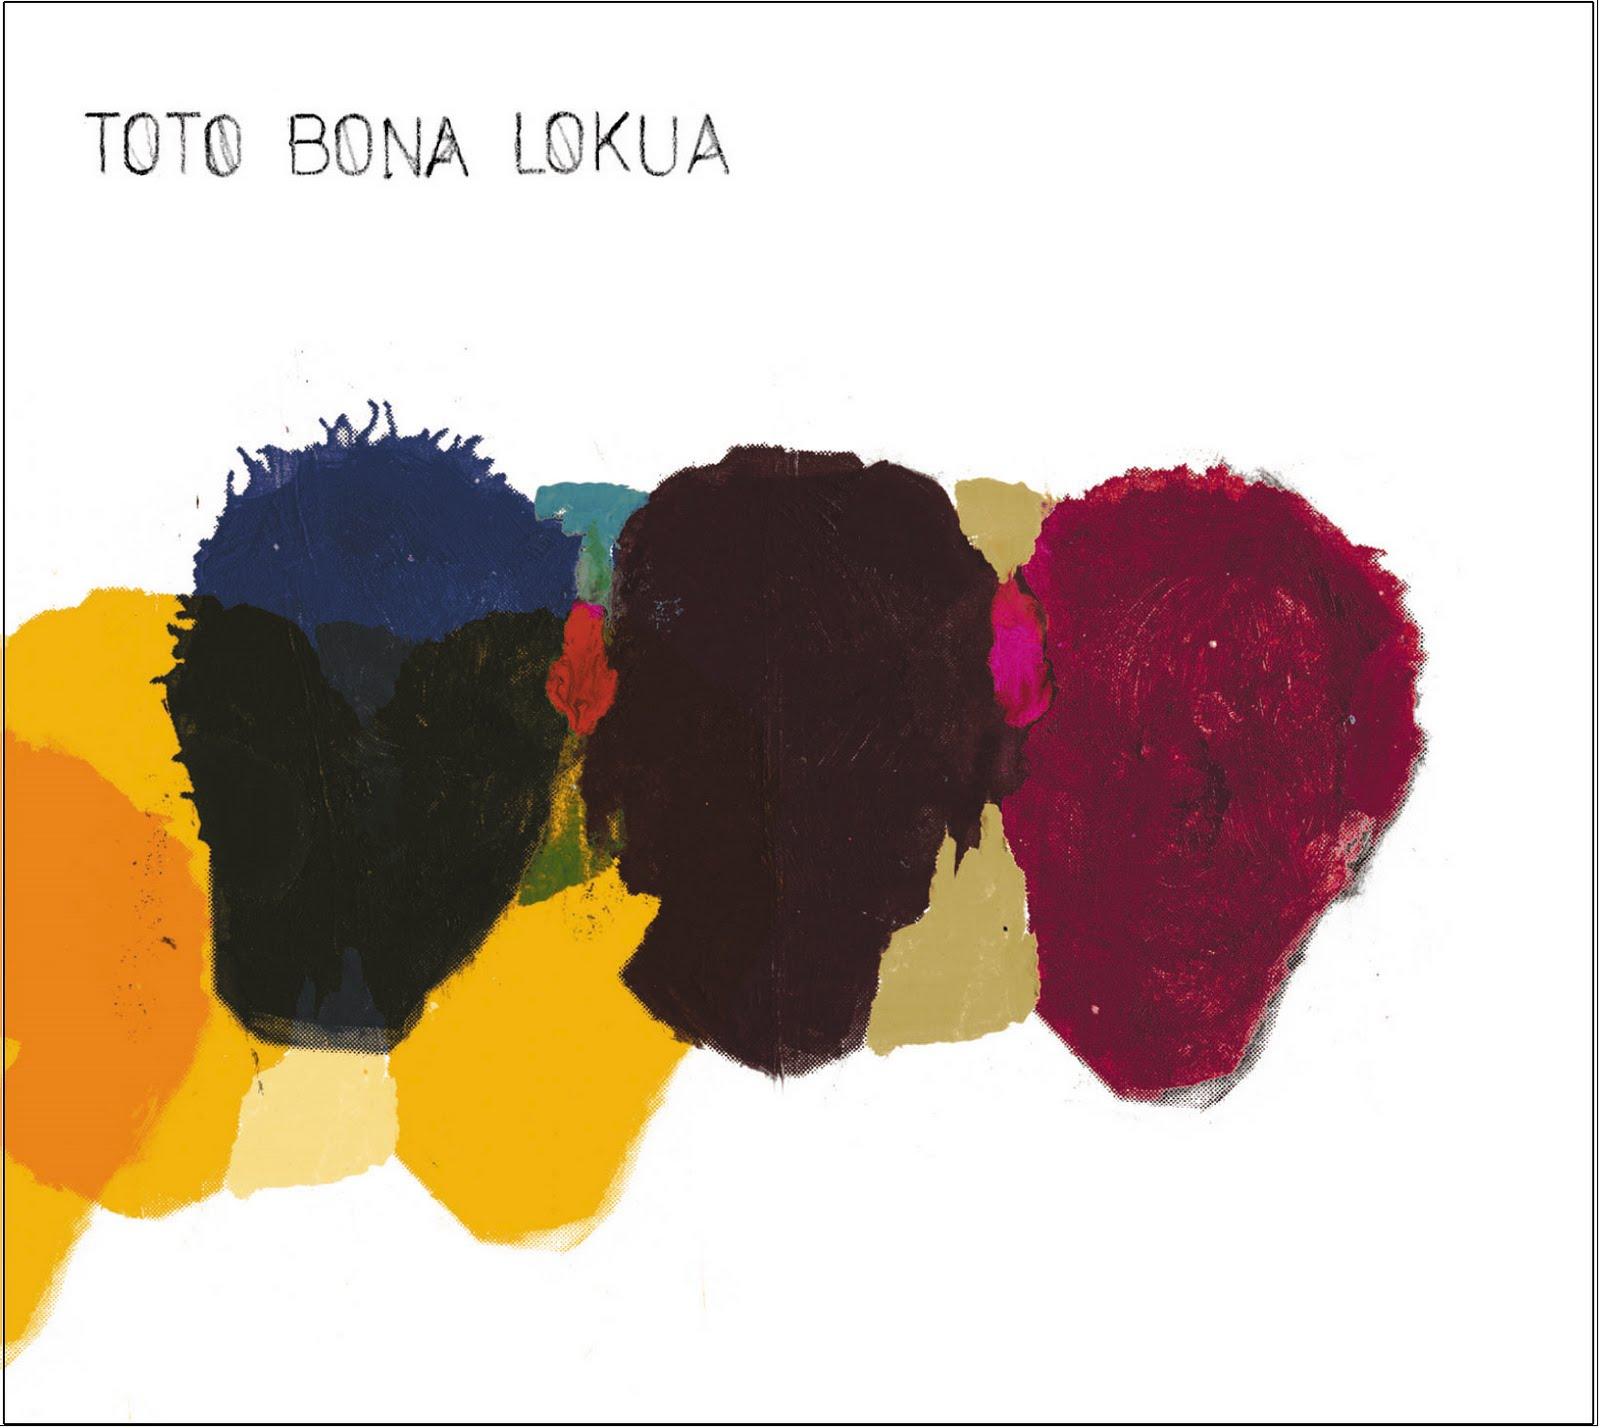 Download mp3 full flac album vinyl rip Seven Beats - Toto*, Bona*, Lokua* - Toto Bona Lokua (CD, Album)